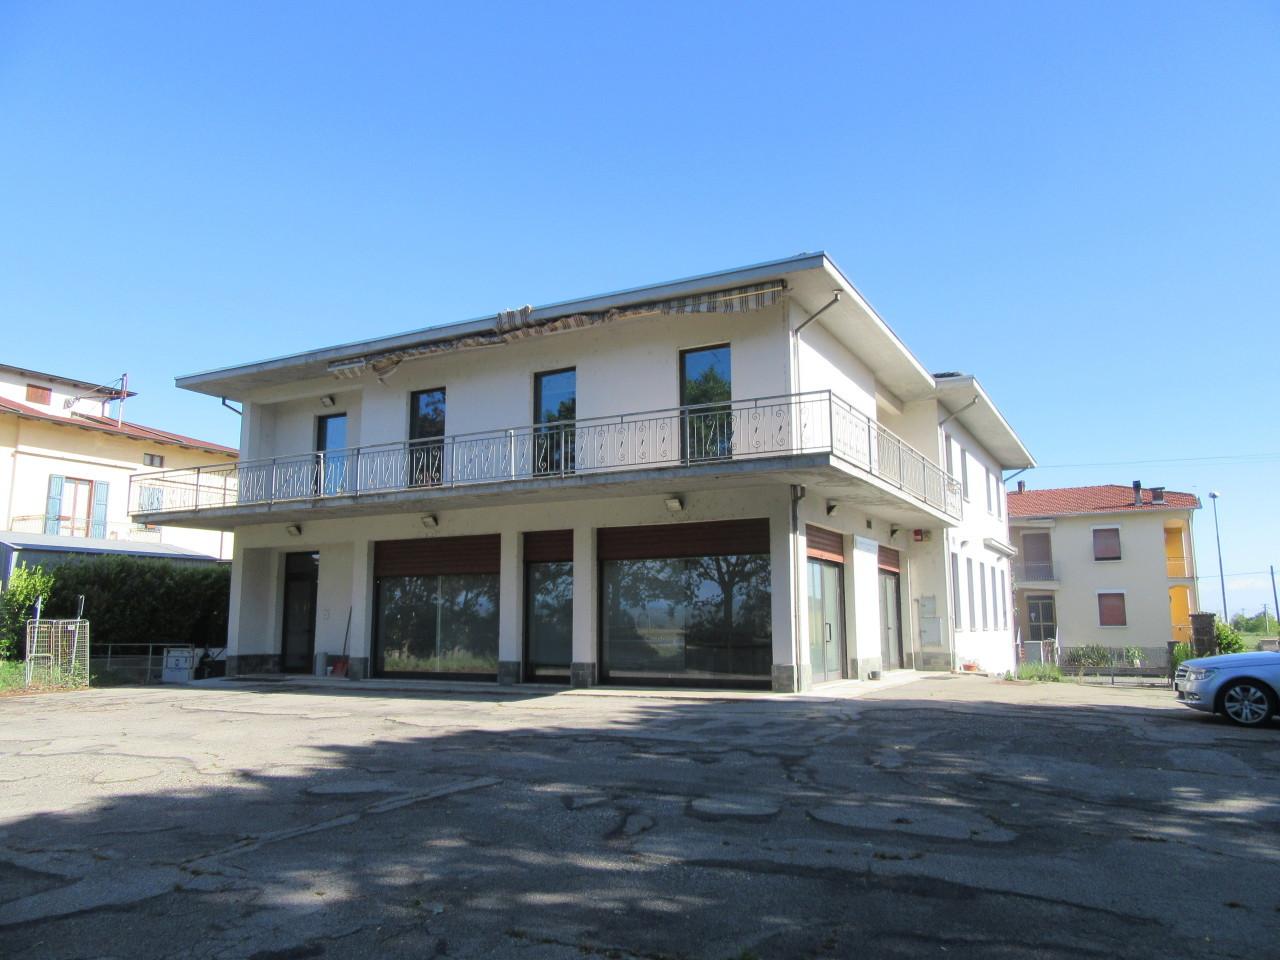 Negozio / Locale in vendita a Fontevivo, 5 locali, prezzo € 385.000 | Cambio Casa.it